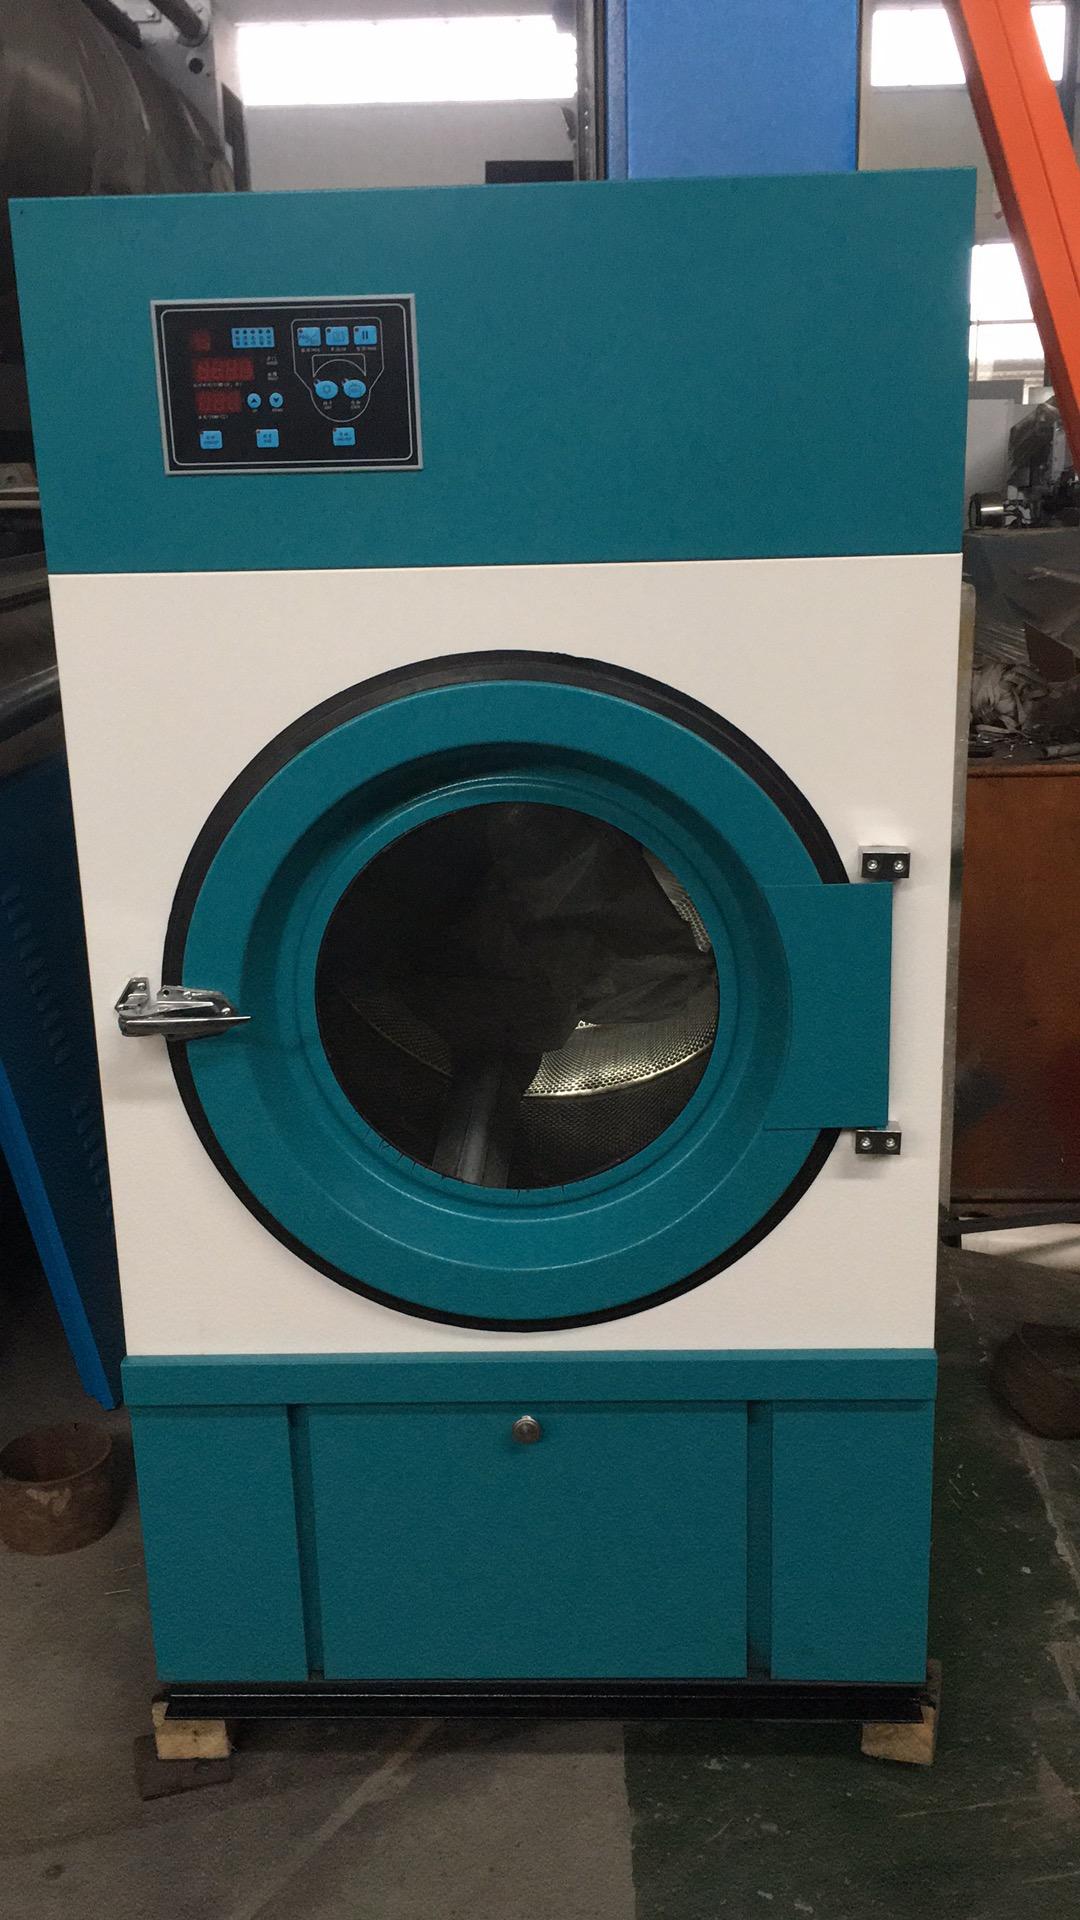 干洗店洗涤设备 节能型烘干机 环保设备 上海洗涤设备制造-- 上海衡涤洗涤设备有限公司